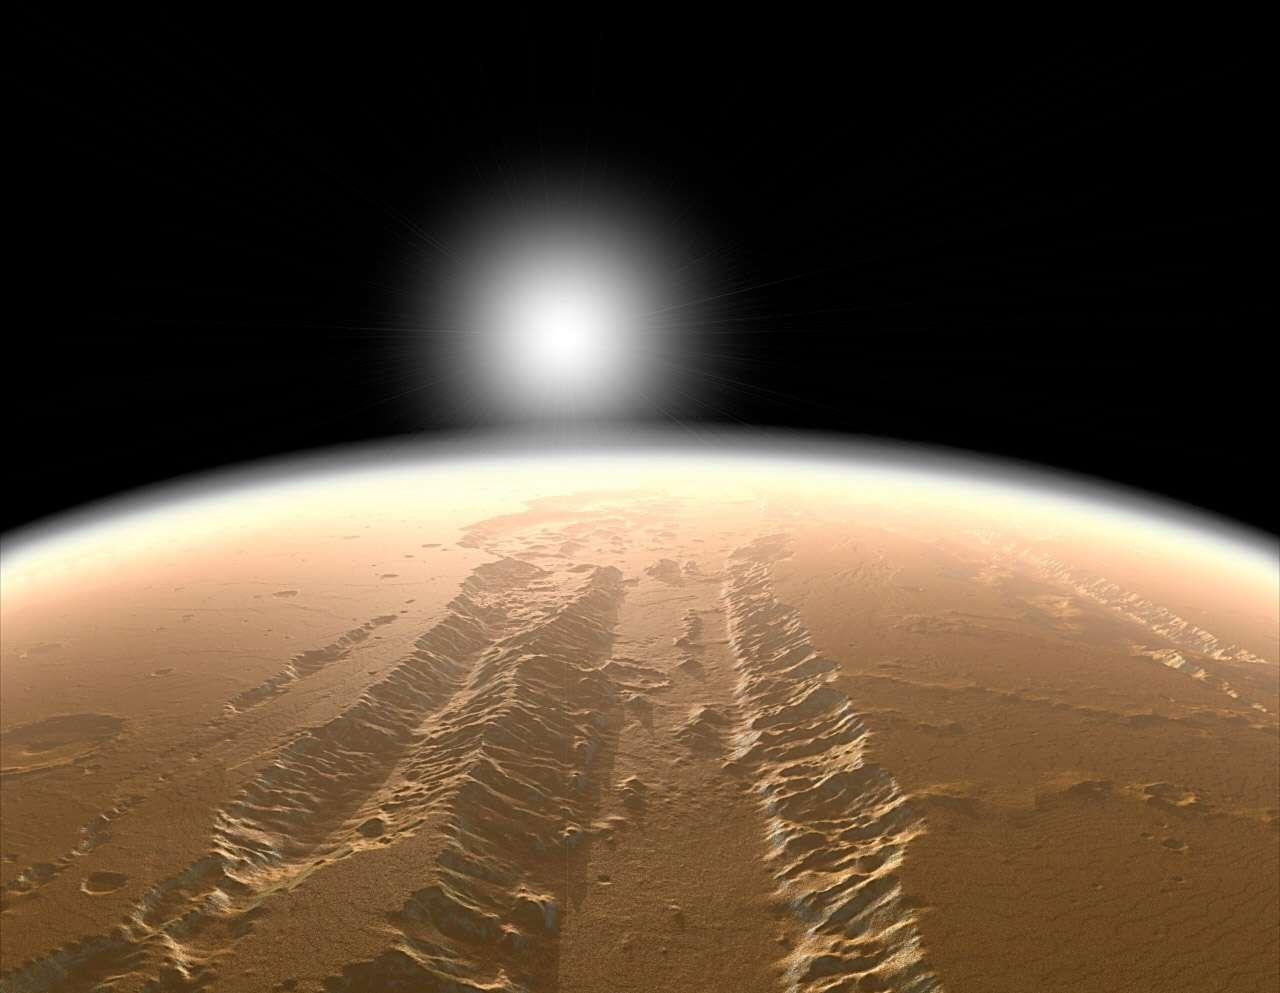 Avec le lancement en 2013 d'une sonde à destination de Mars, l'Inde, en compétition perpétuelle avec la Chine, a l'occasion d'arriver avant elle autour de la Planète rouge. À l'image, le grand canyon Valles Marineris. © orbitmars.futura-sciences.com/Nasa/JPL